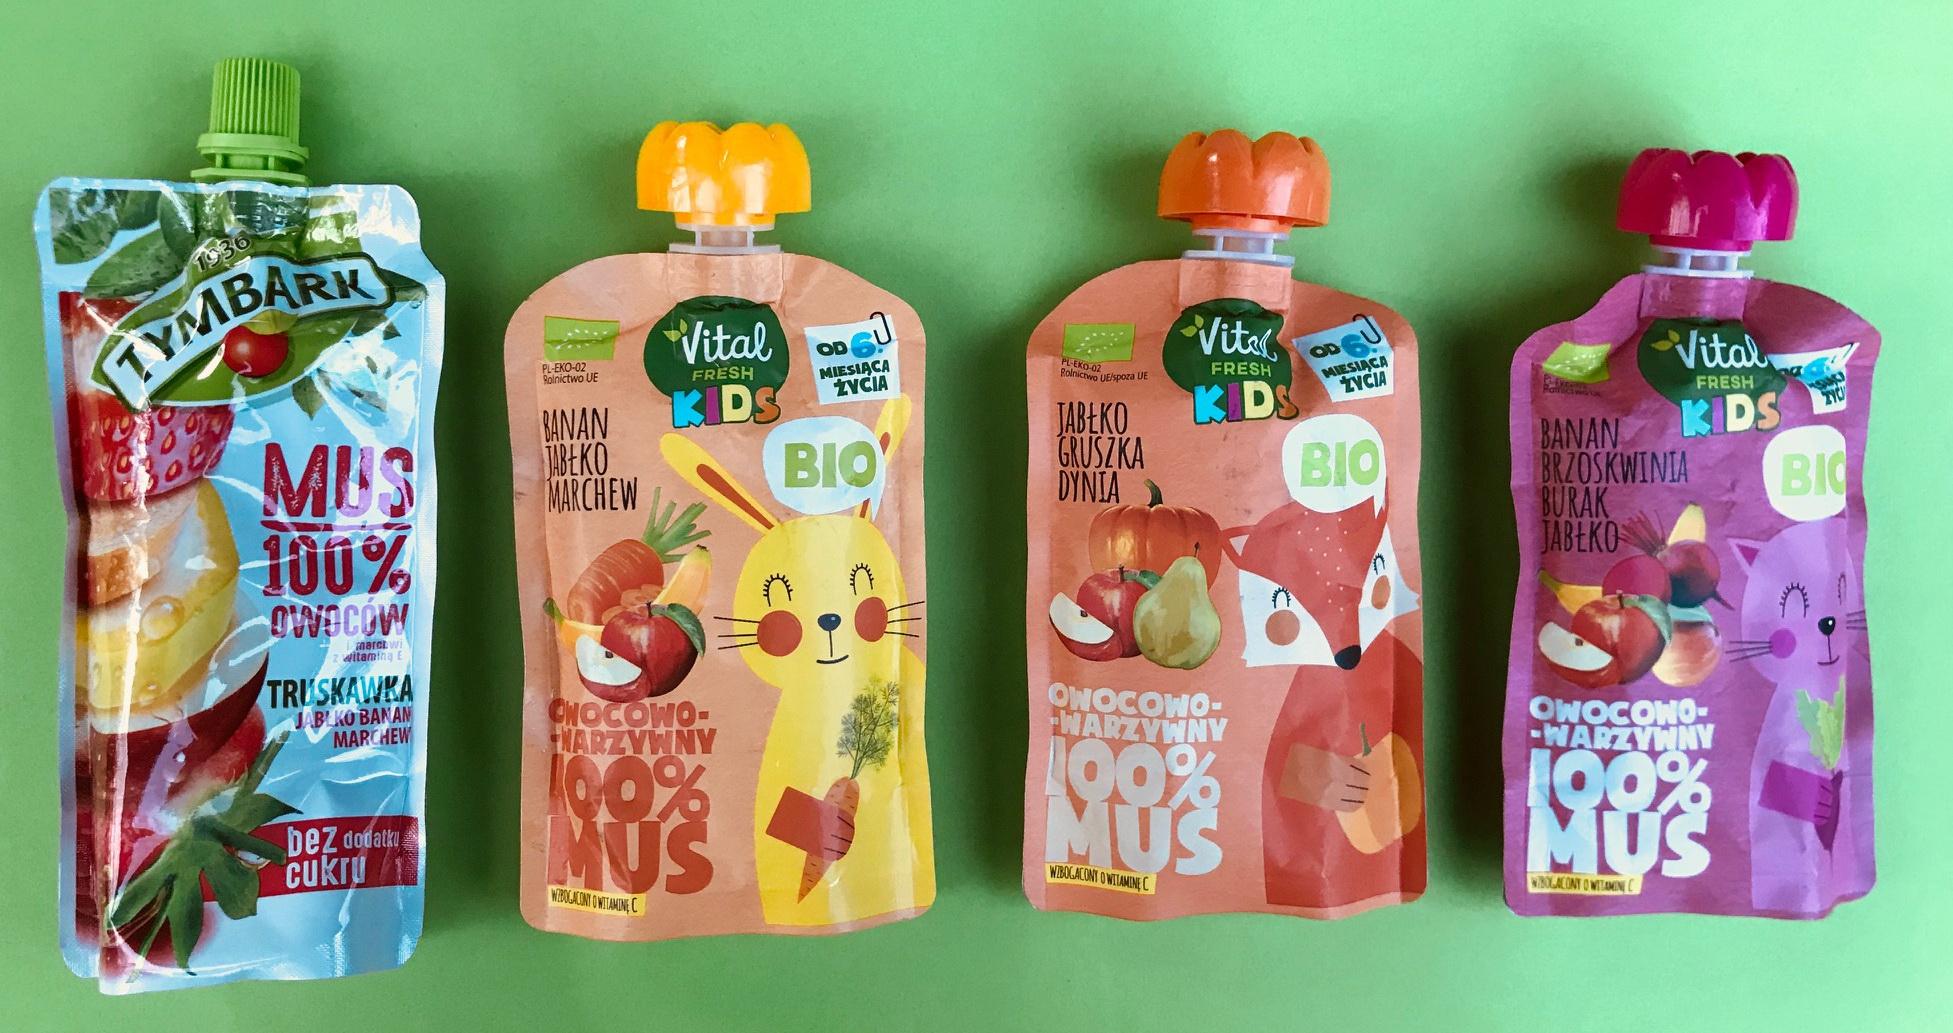 zdrowe przekąski ze sklepu dla dzieci musy owocowo-warzywne